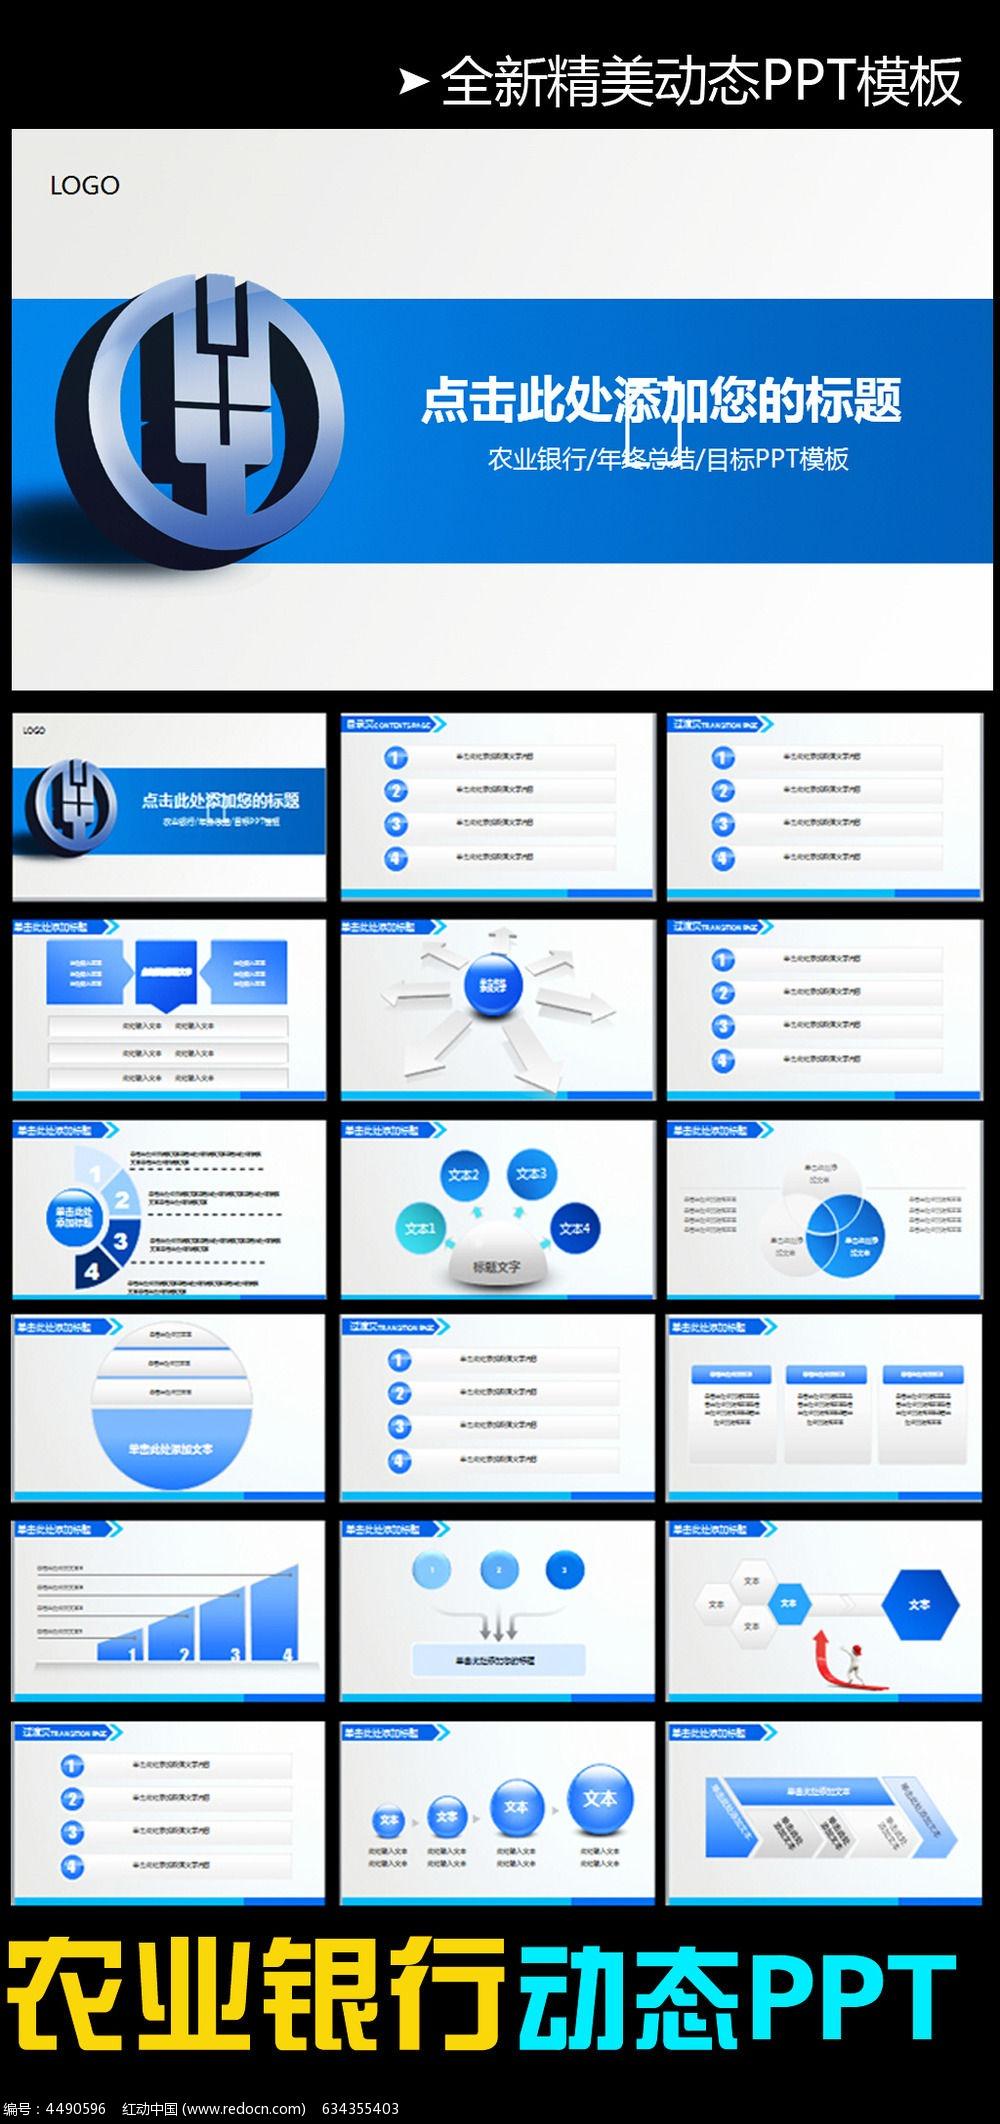 业银行 农行 PPT PPT模板 PPT图表 动态PPT 会议 报告 座谈 交流